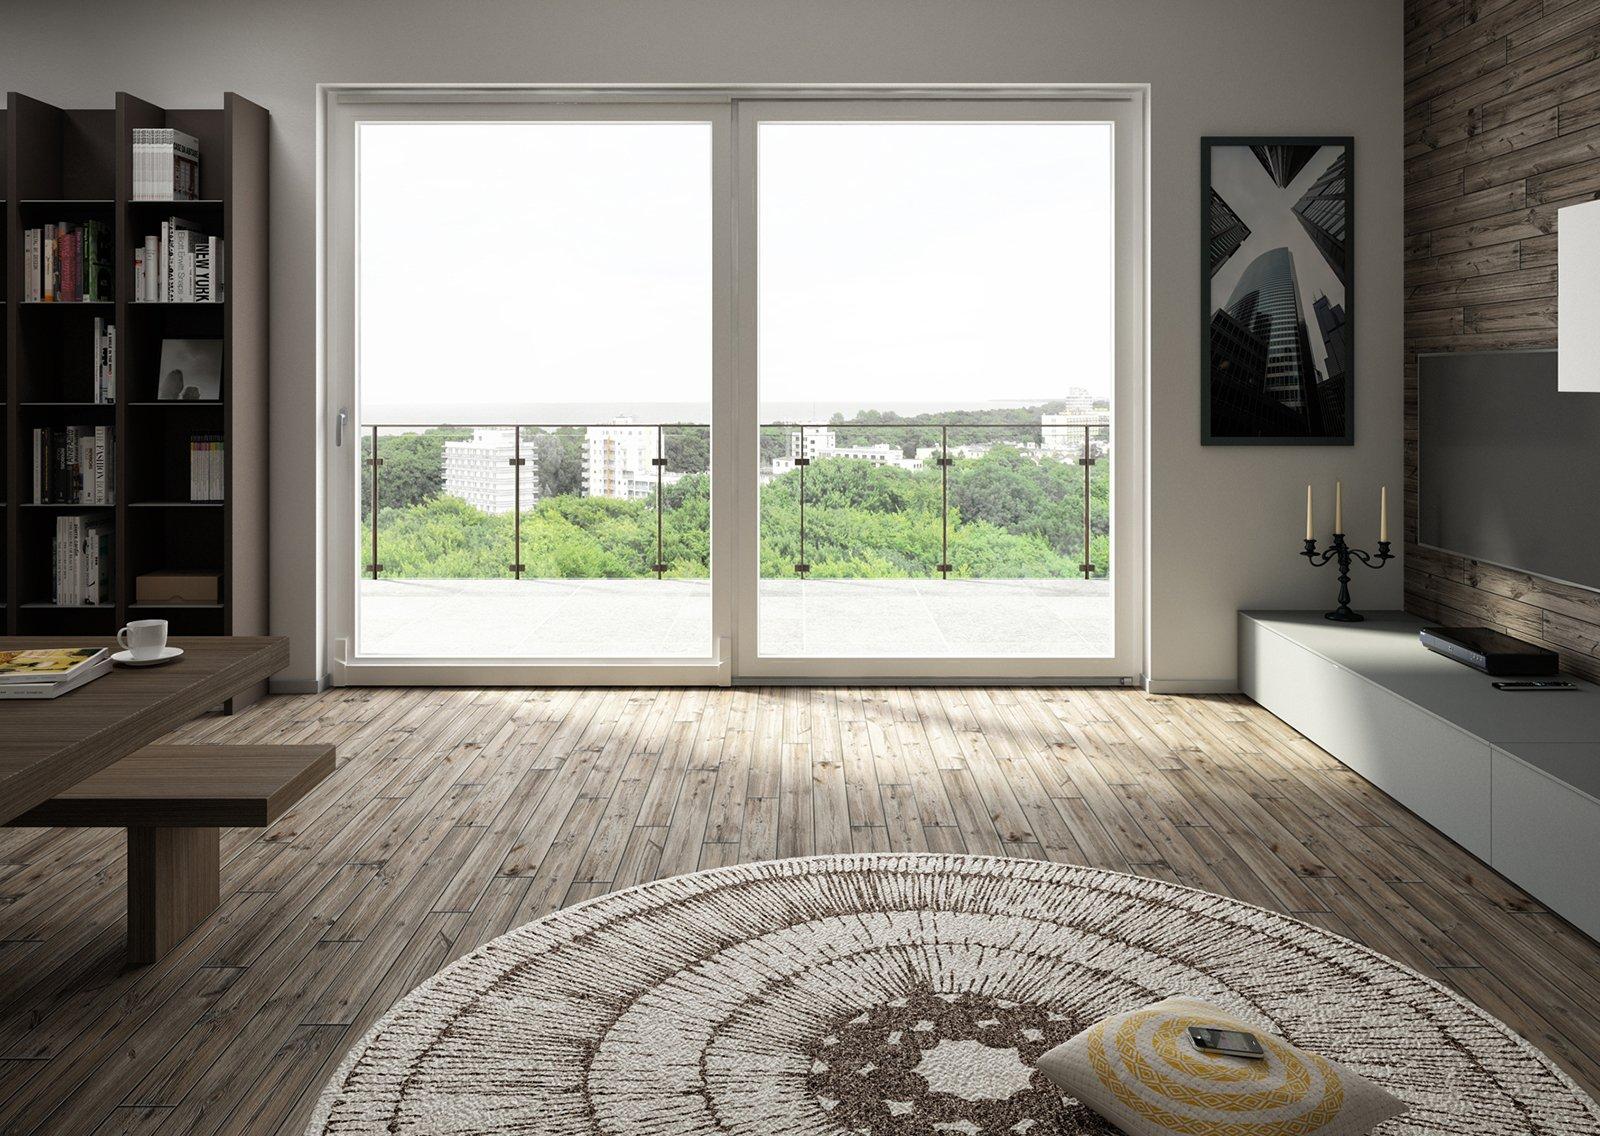 Grandi finestre caratteristiche da valutare cose di casa - Finestre grandi ...